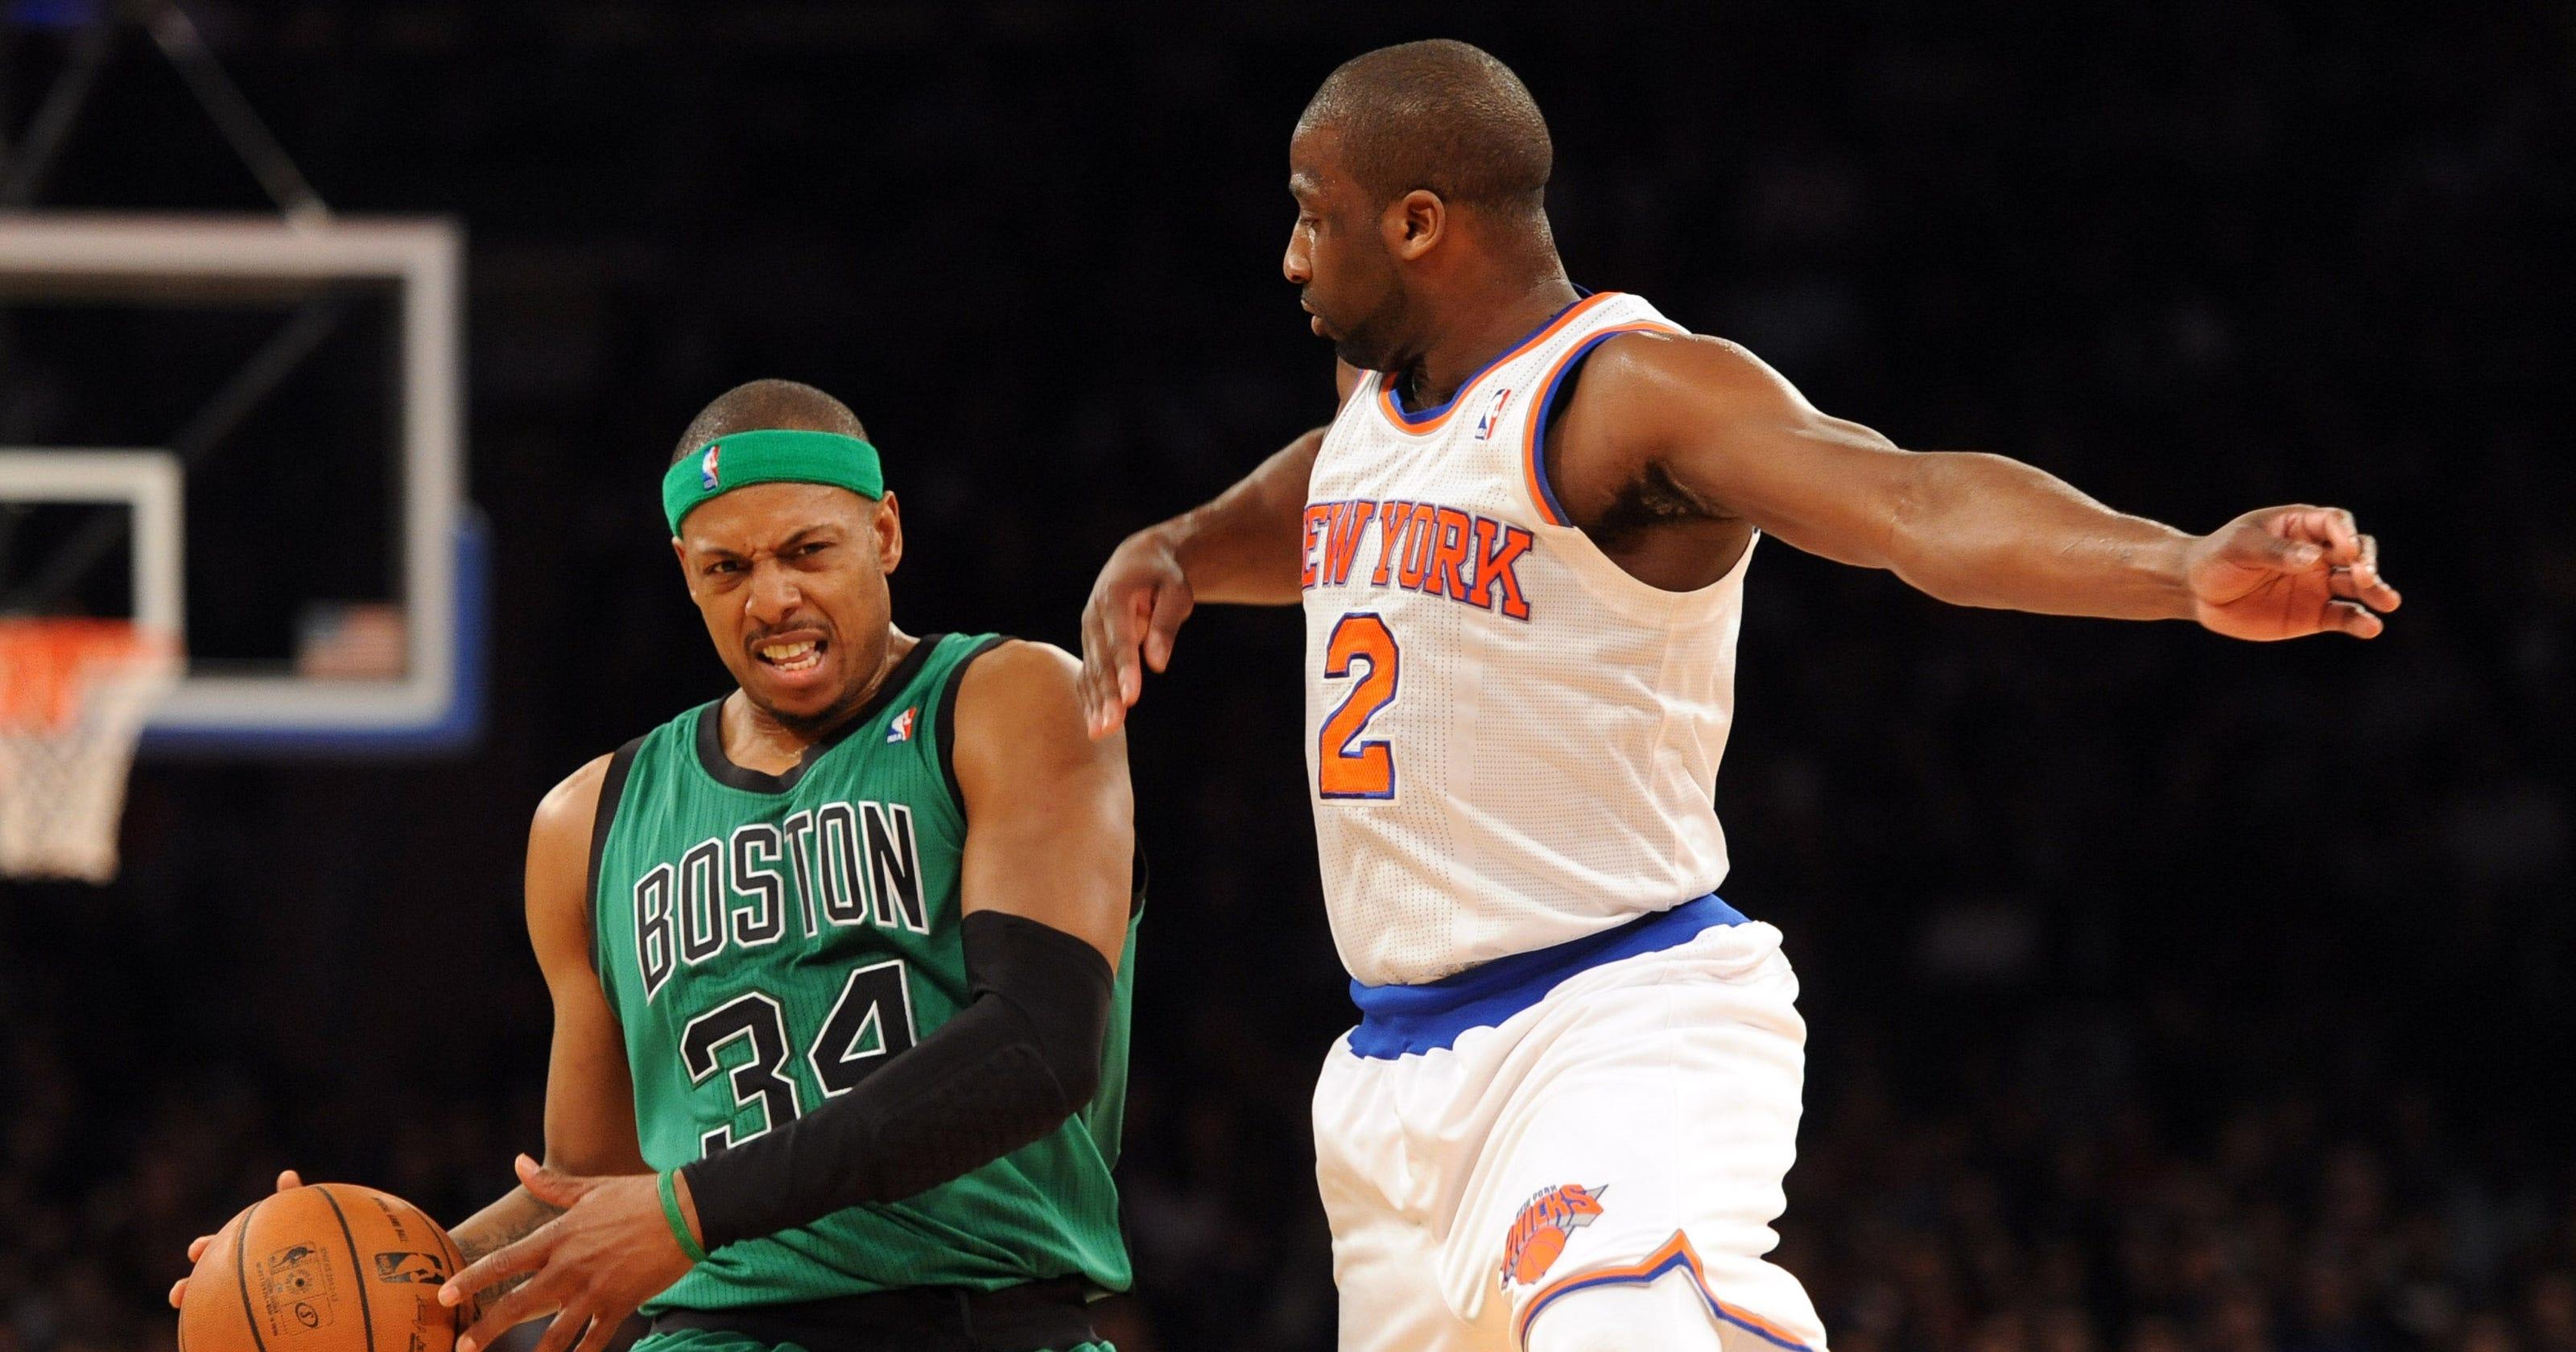 Nba Playoffs 2013 New York Knicks | Basketball Scores